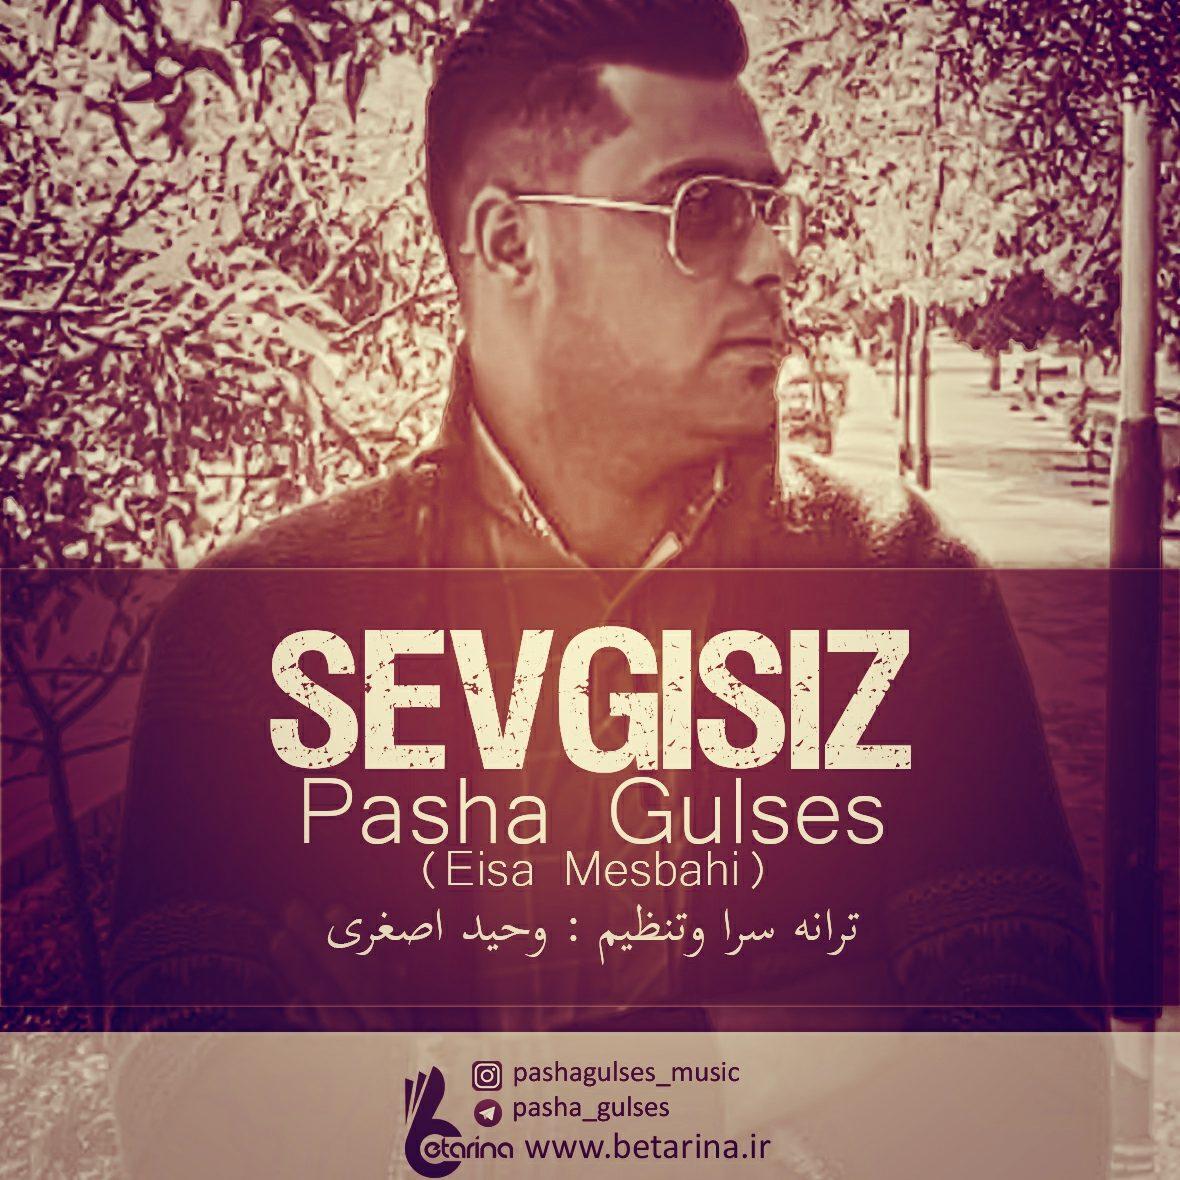 Pasha Gulses - Sevgisiz